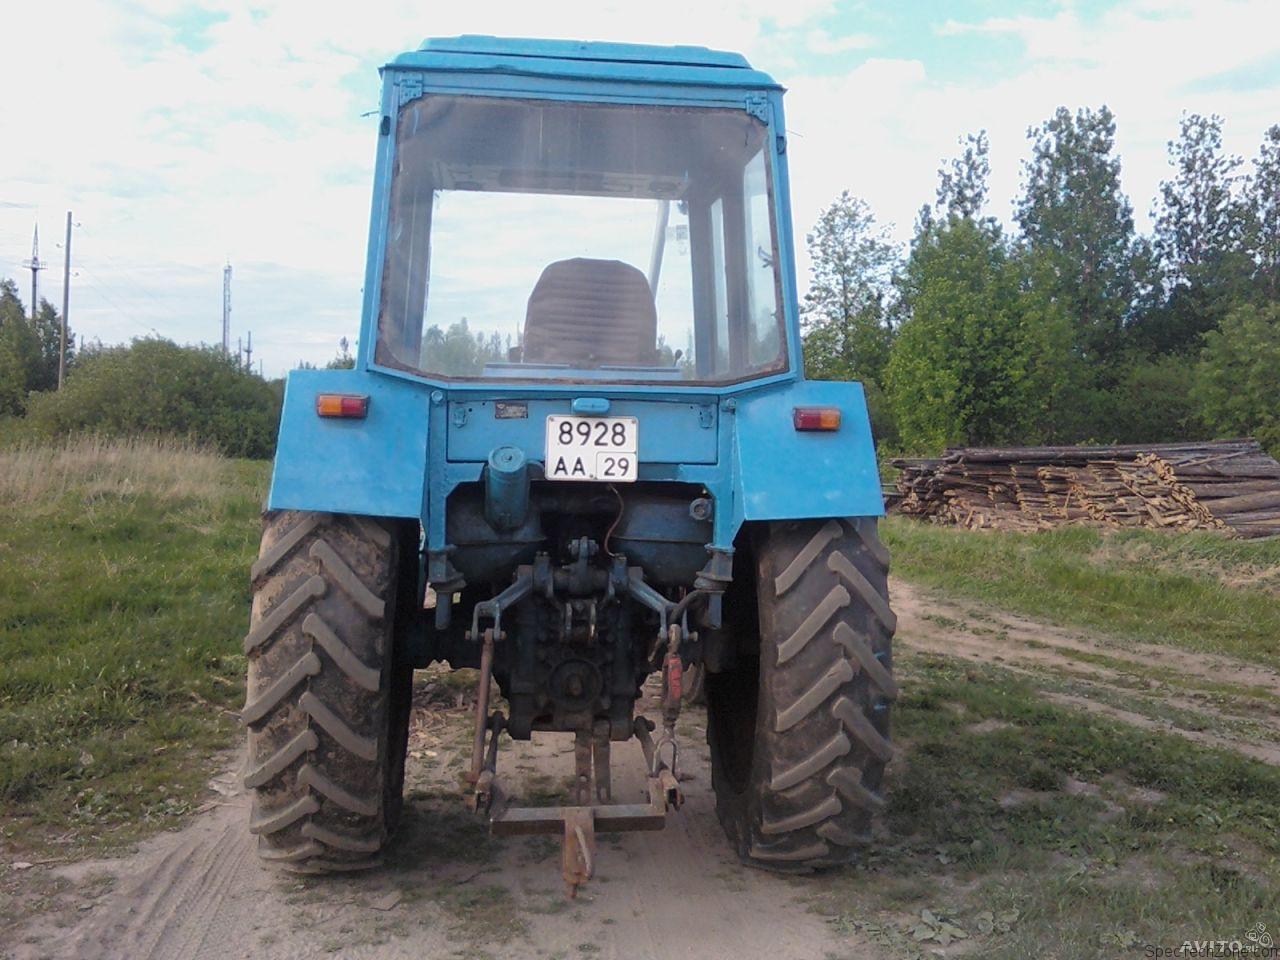 Трактор МТЗ-80 - описание, технические характеристики.